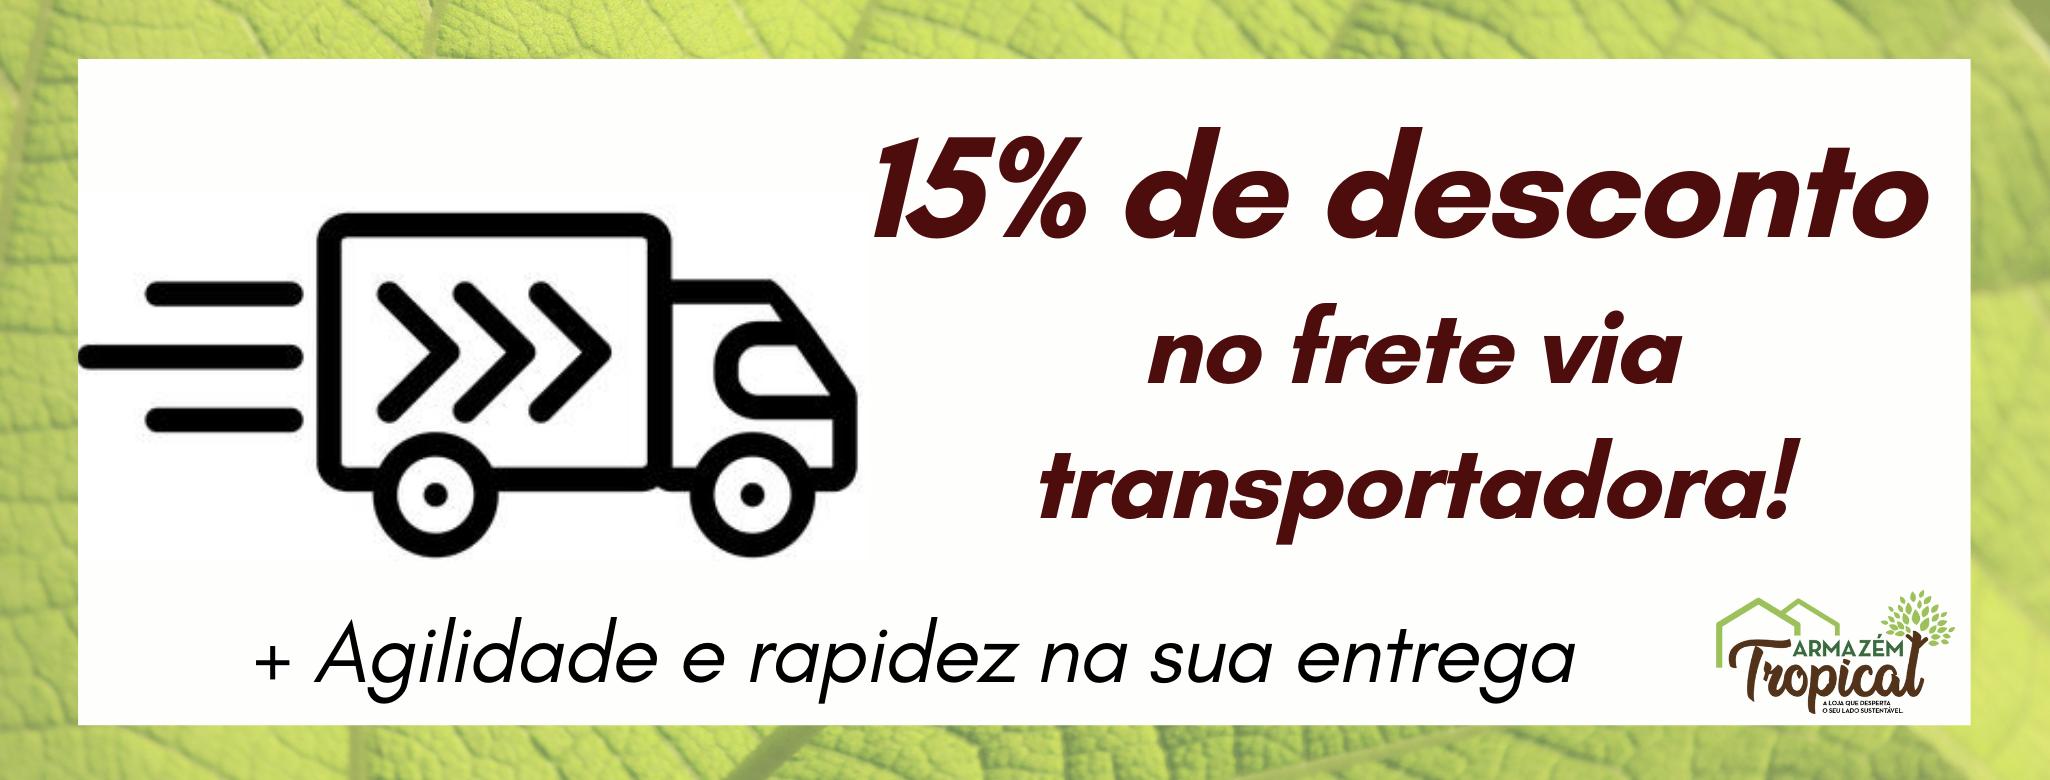 15% por envio pela transportadora